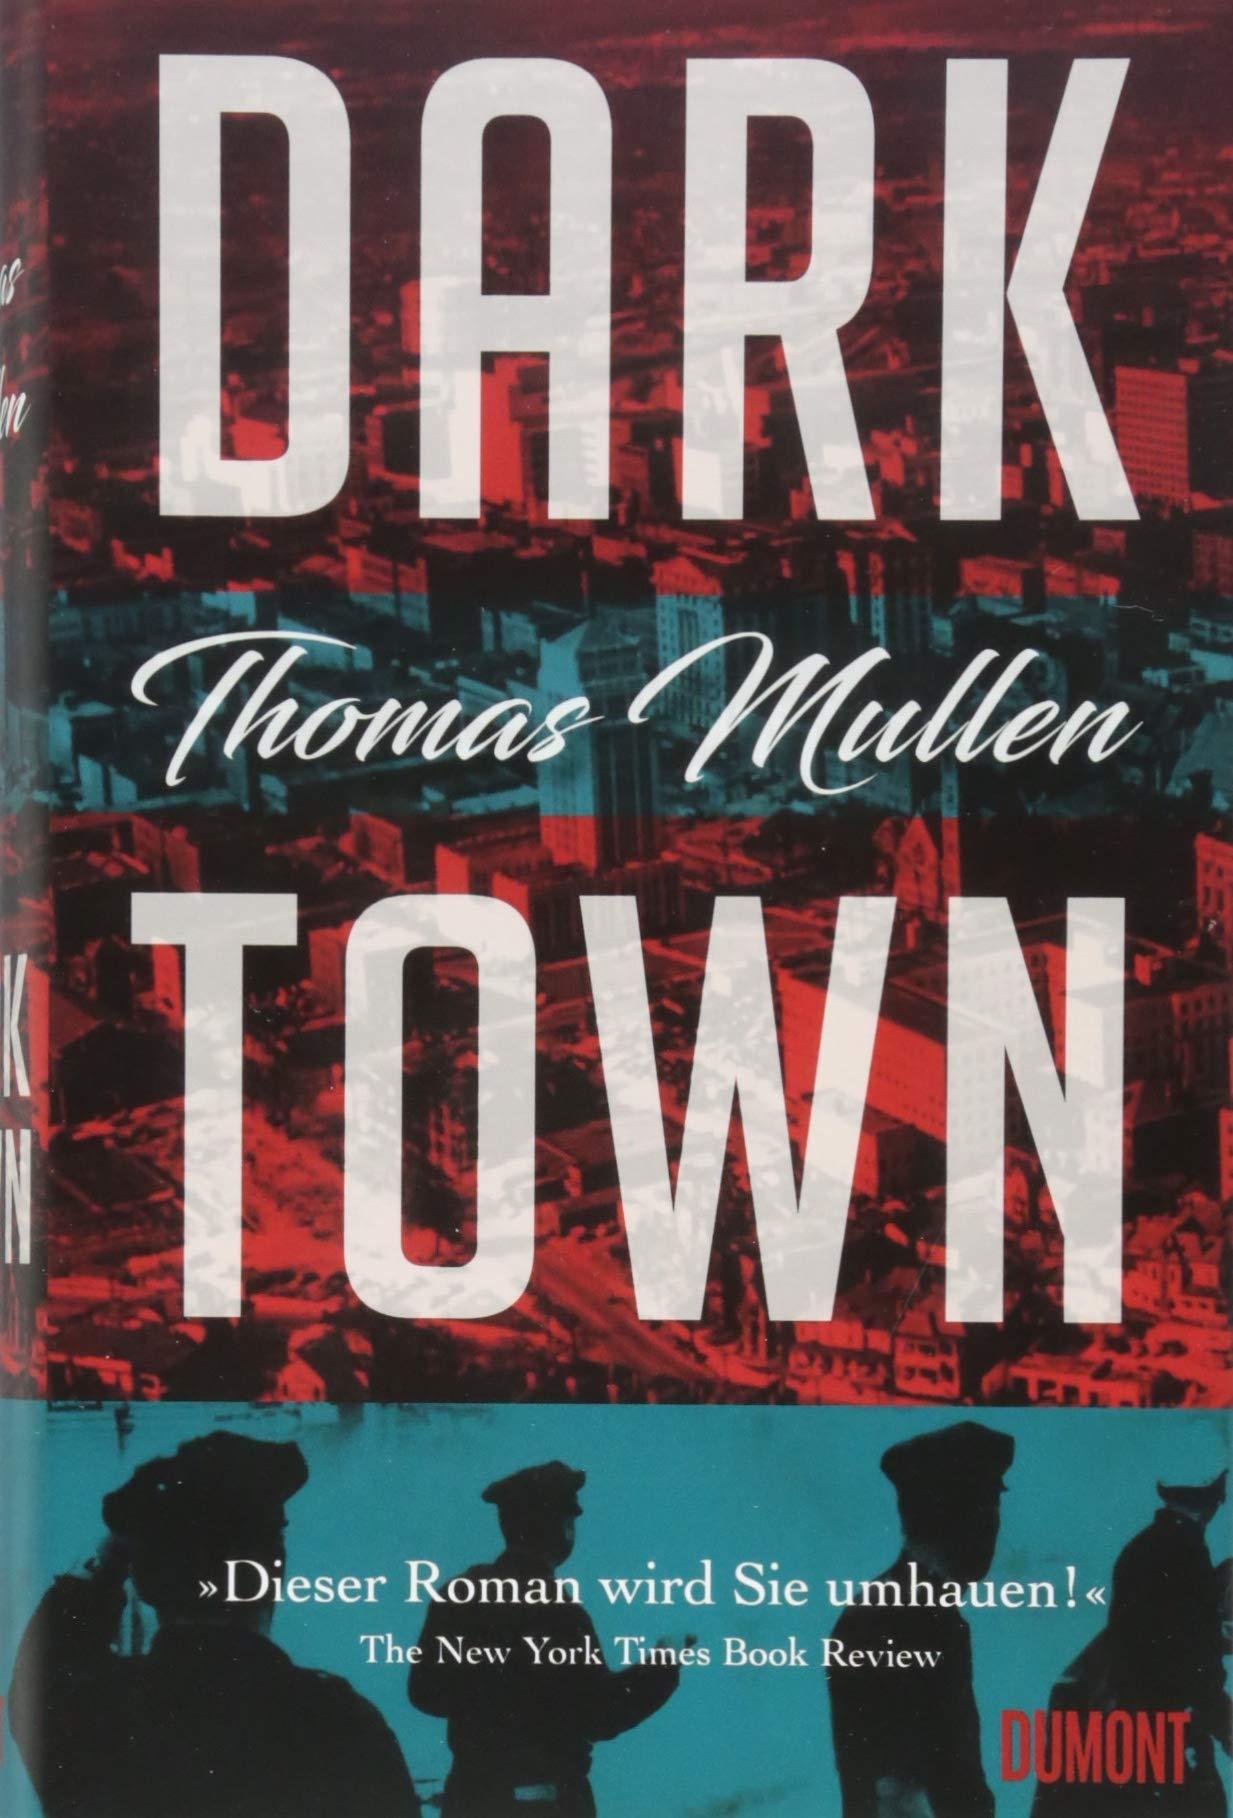 Bildergebnis für dark town mullen